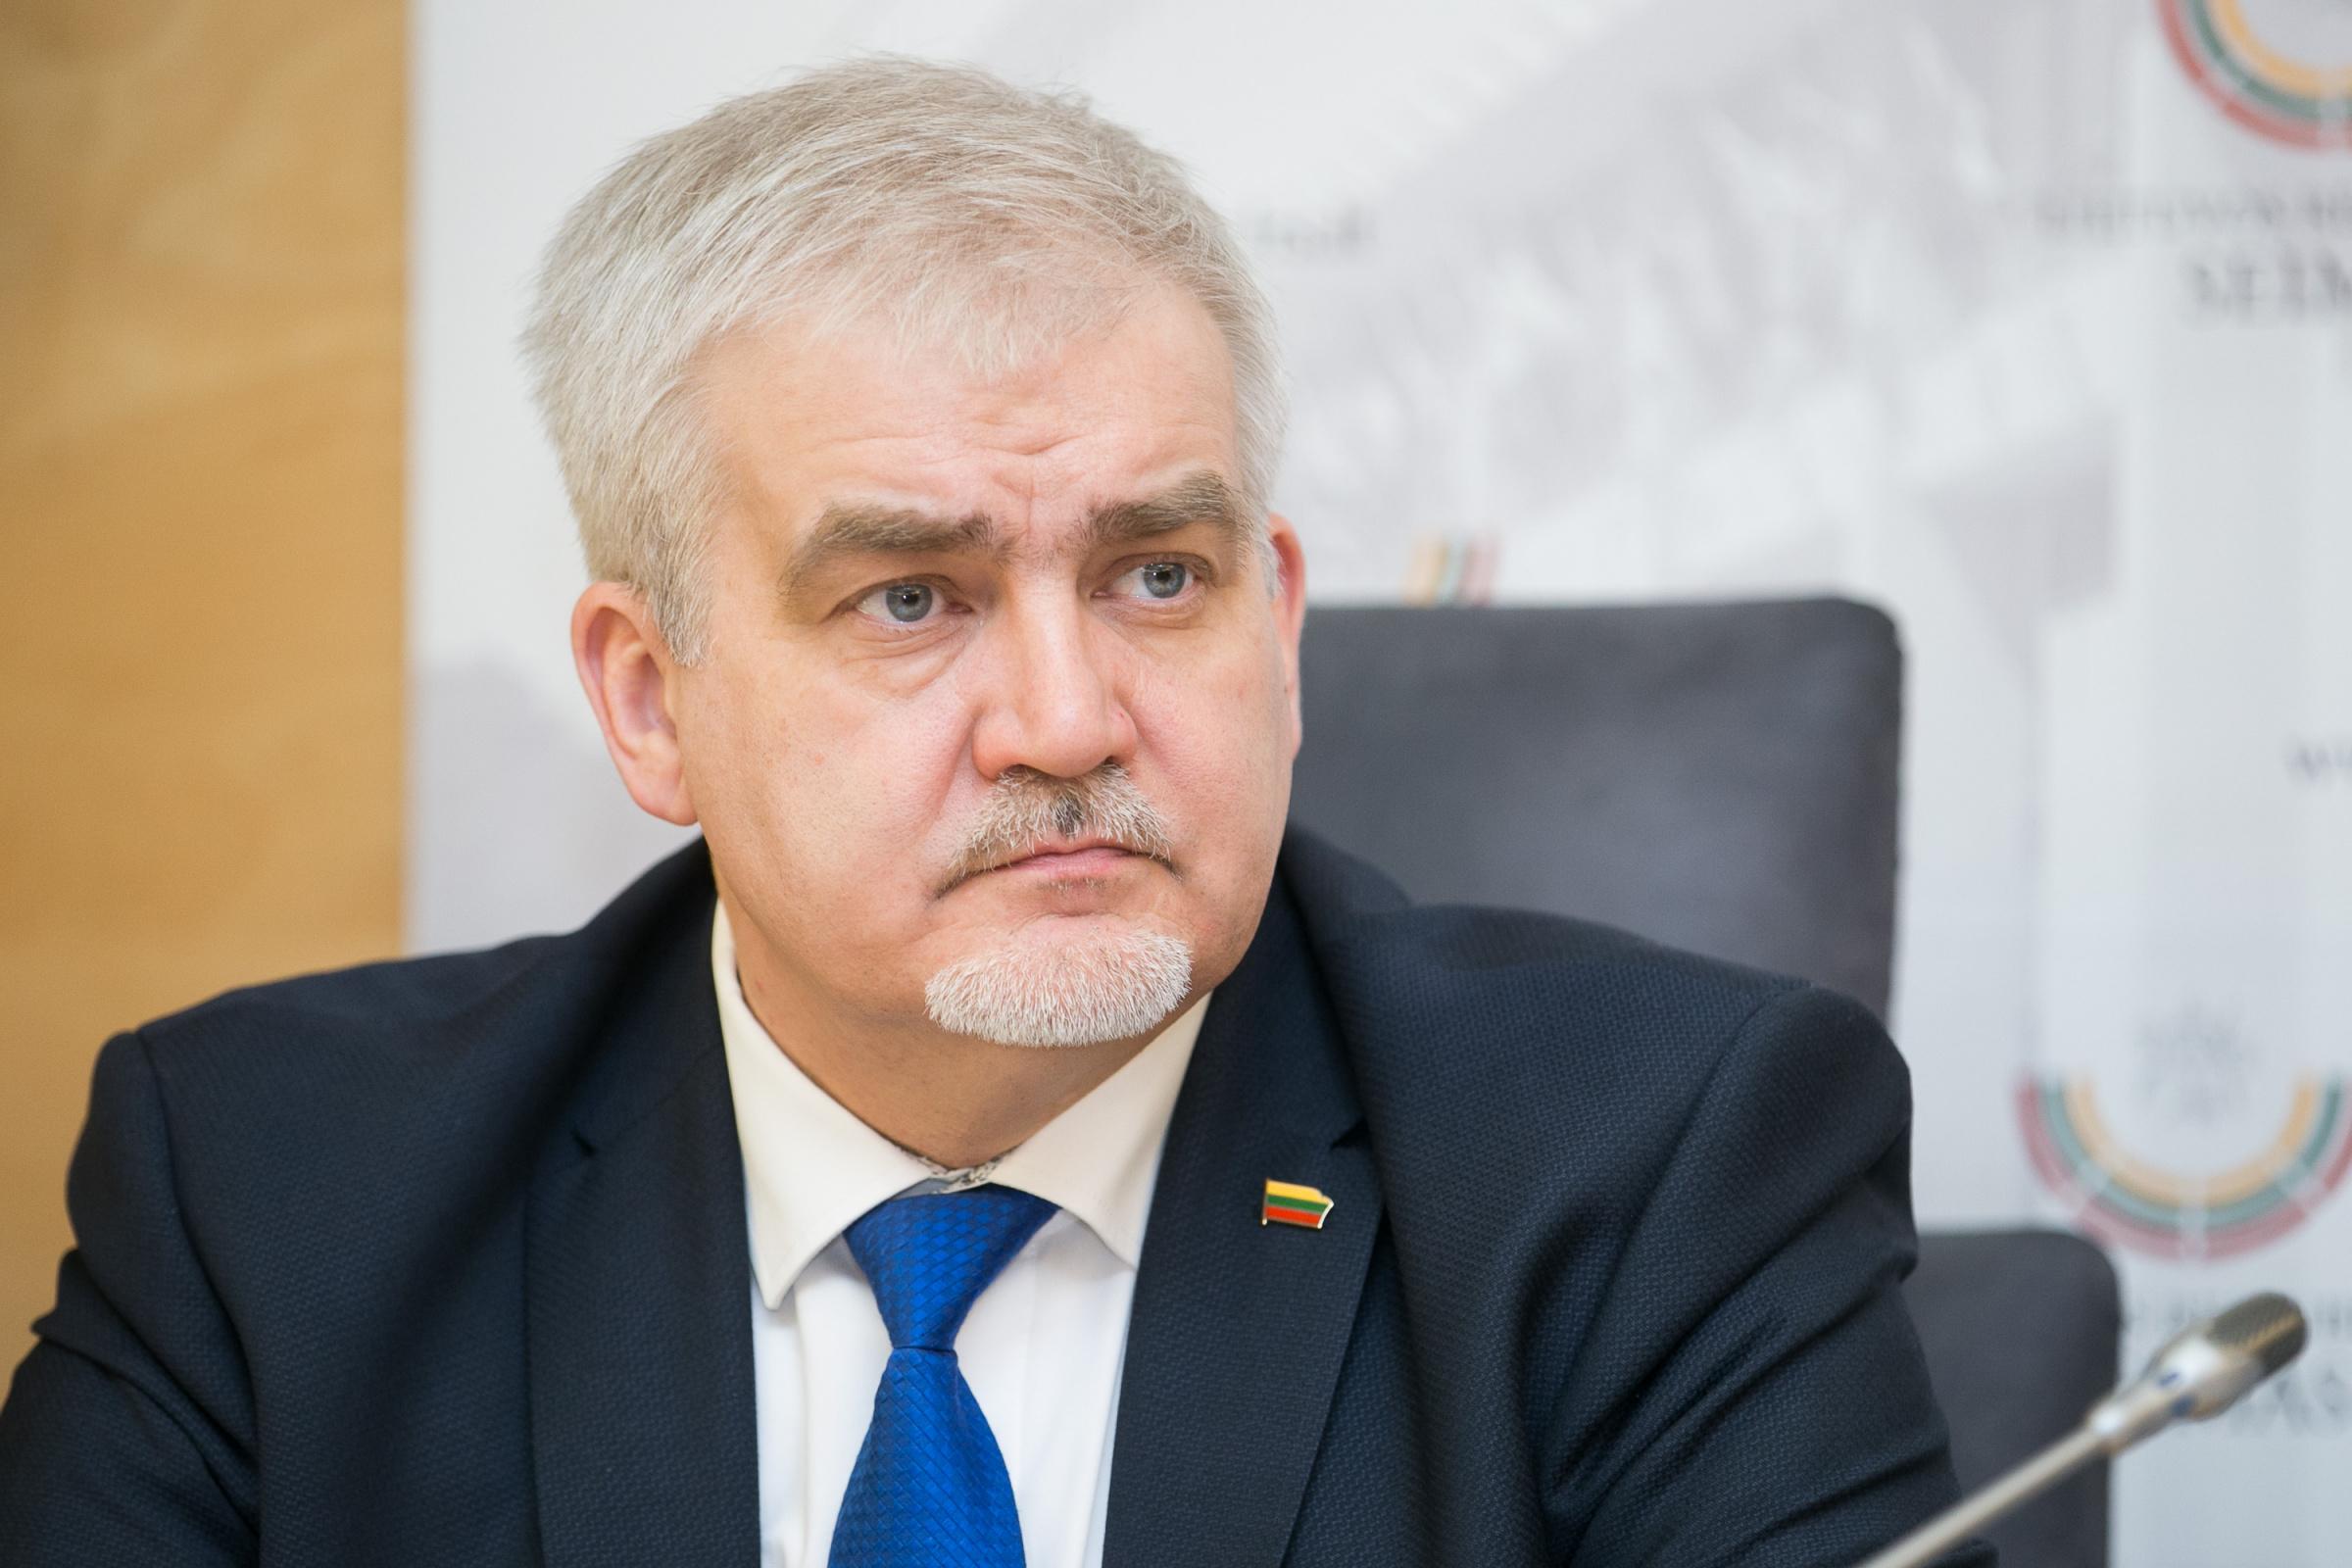 Darius Kaminskas siekia, kad kitų metų biudžete papildomas šimtas milijonų eurų būtų skirti asmens sveikatos priežiūros išlaidoms. / BNS nuotr.